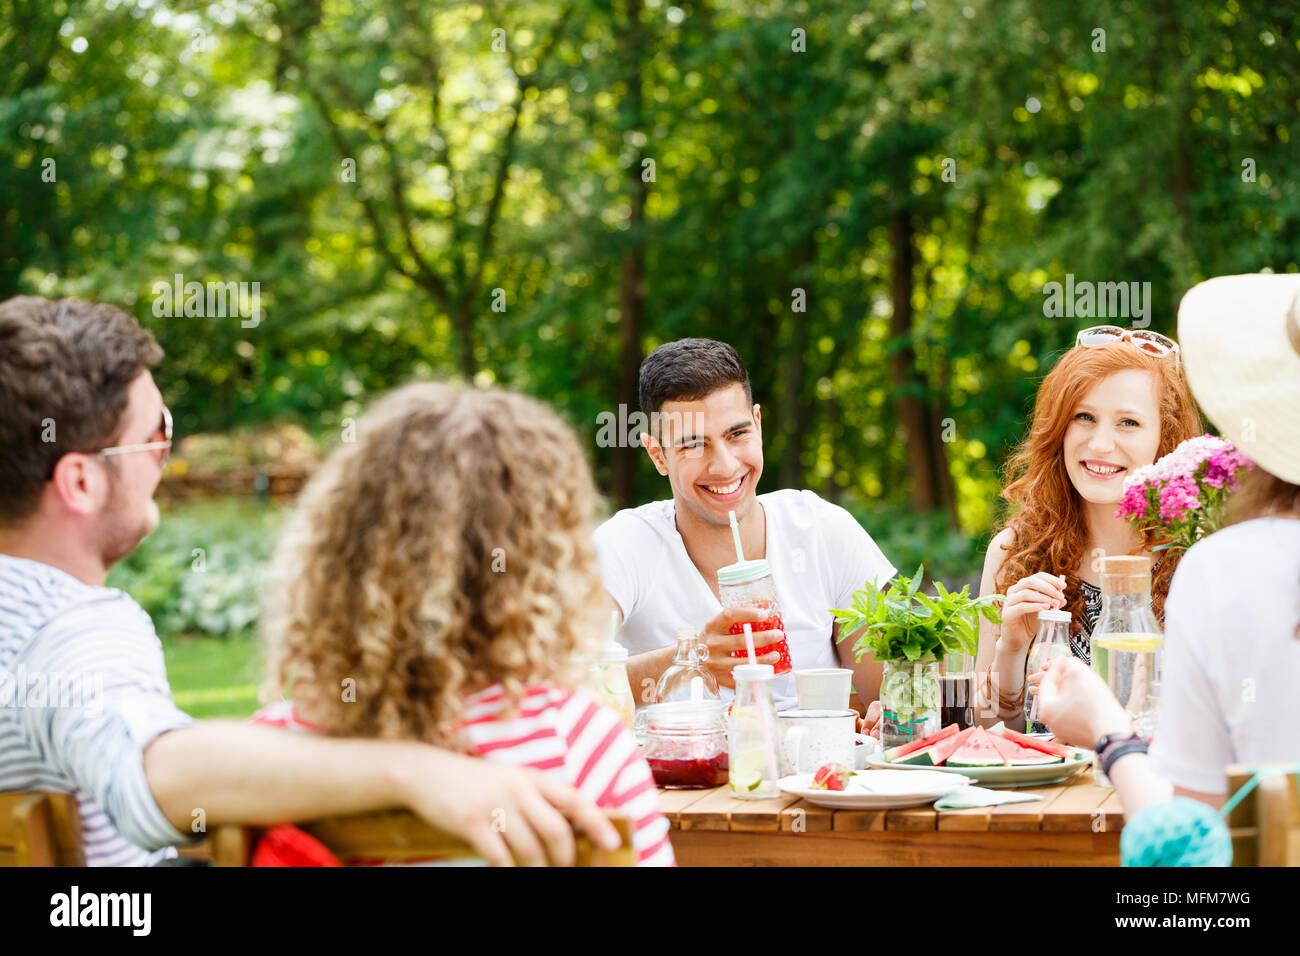 Junge Leute lachen, essen und sprechen an einem sonnigen Tag im Garten Stockbild